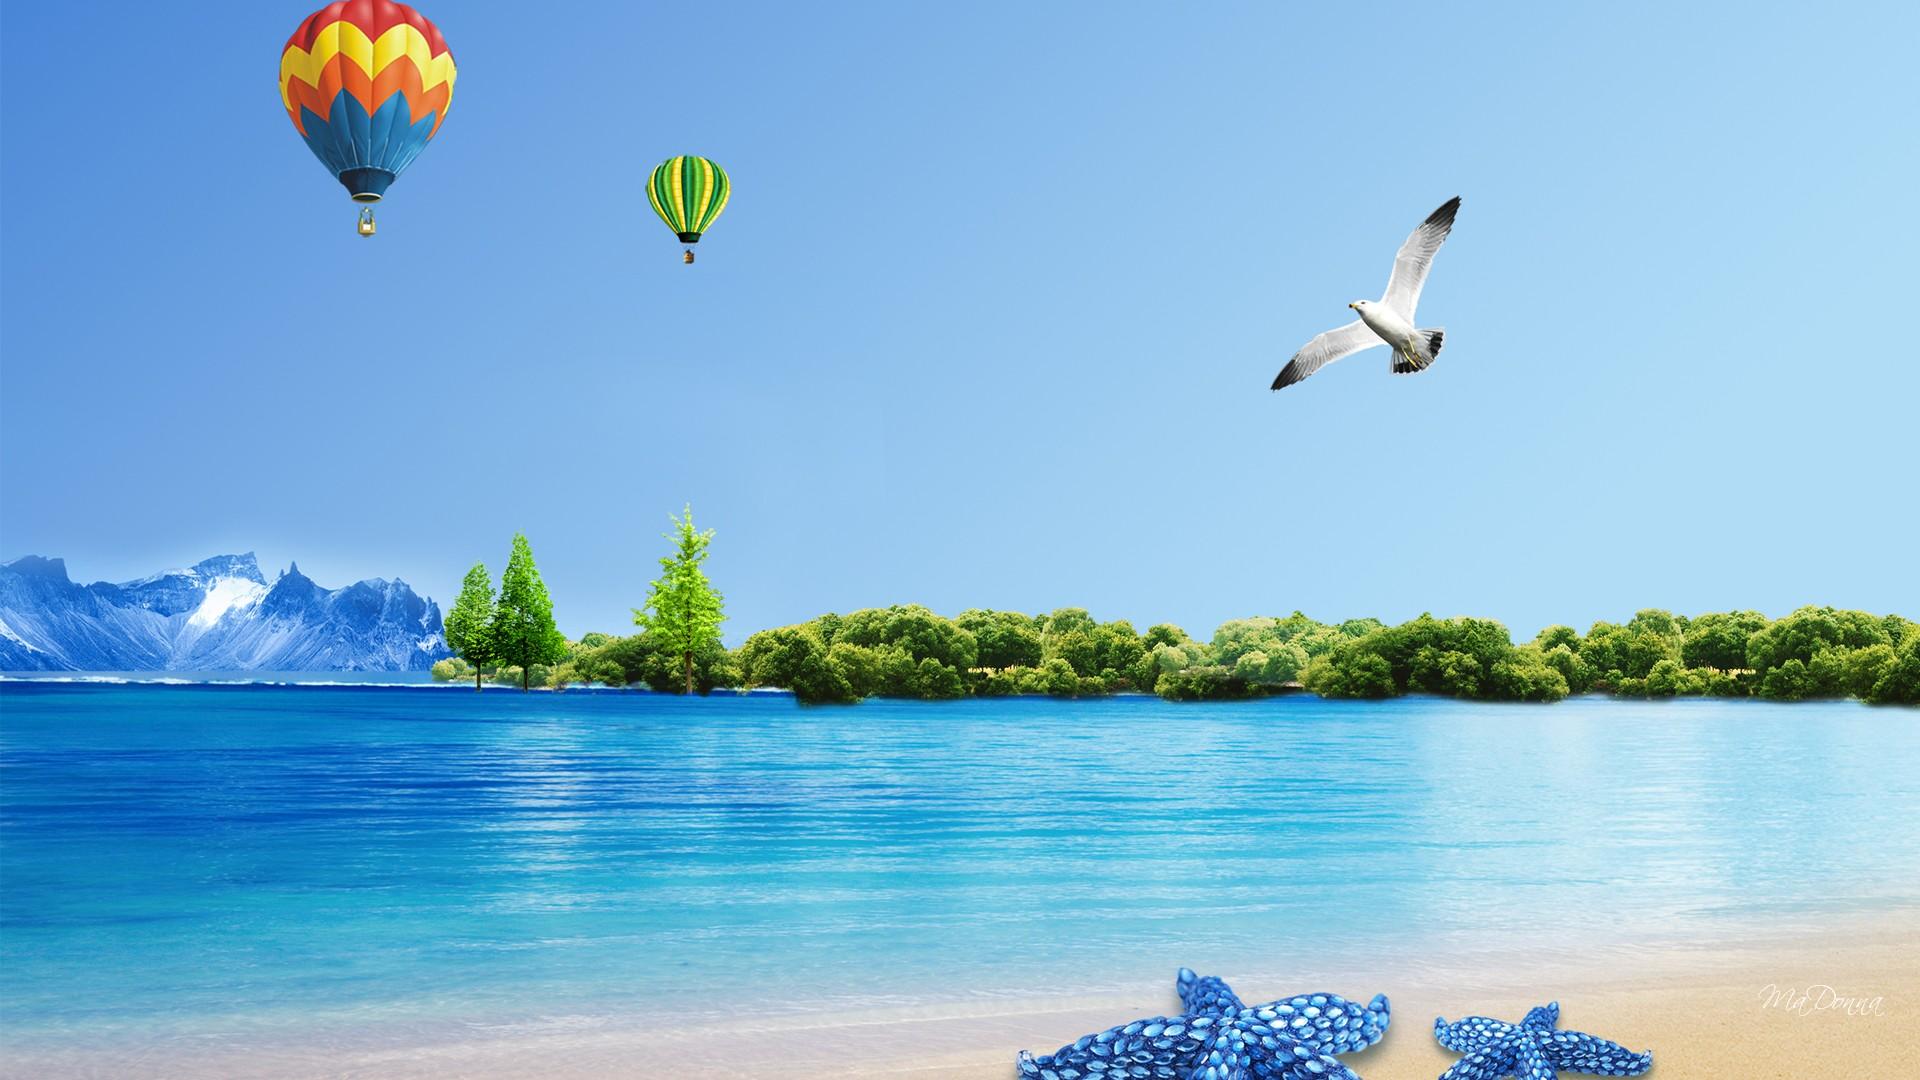 summer desktop wallpaper 1920x1080